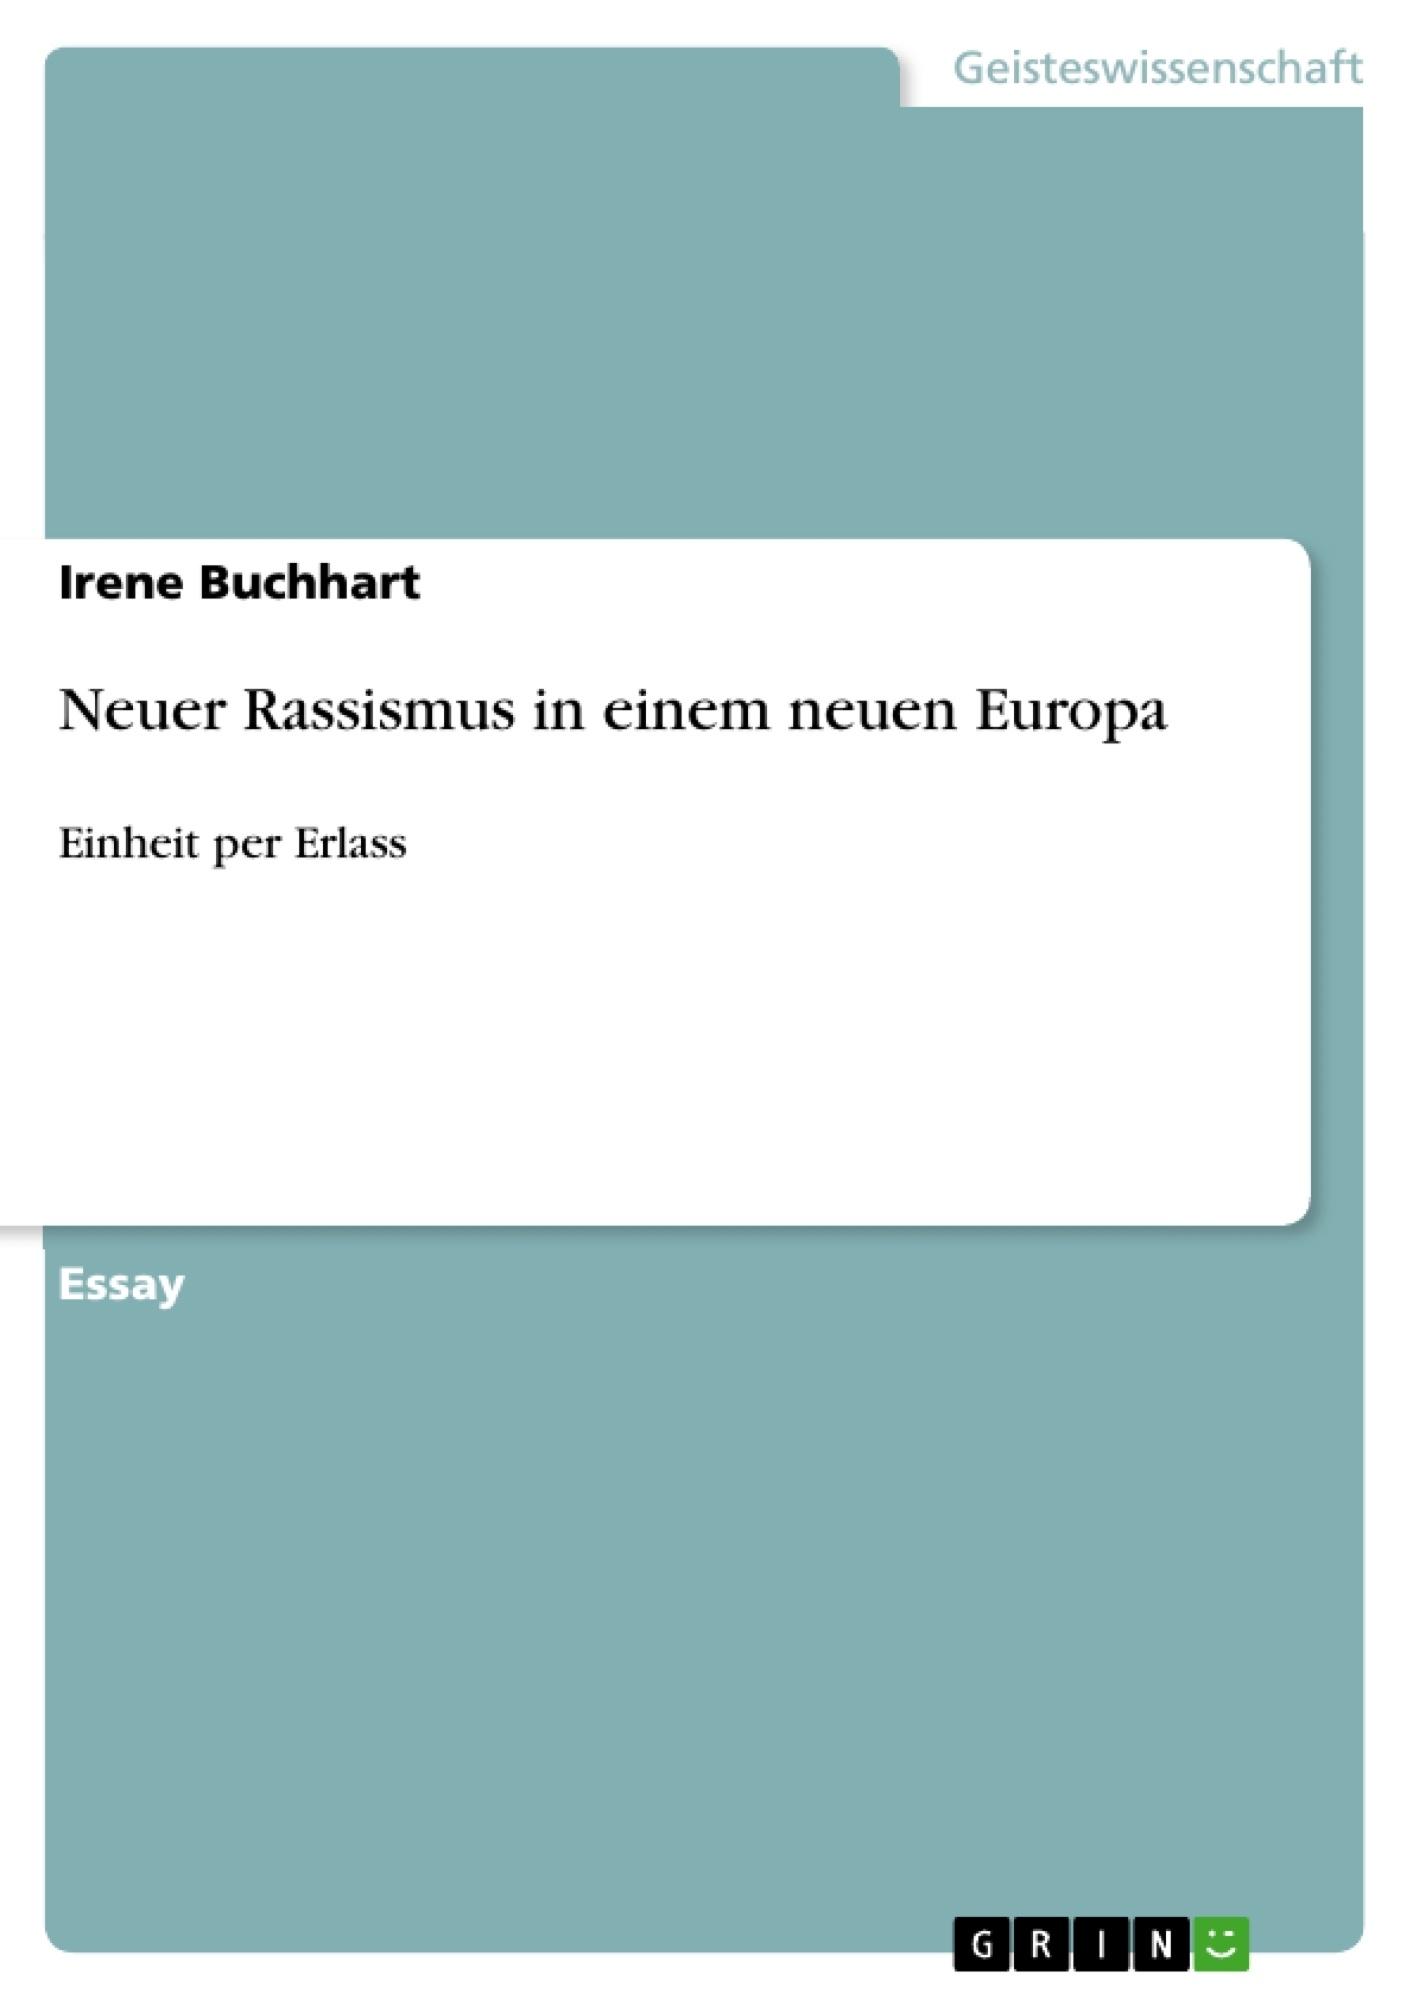 Titel: Neuer Rassismus in einem neuen Europa